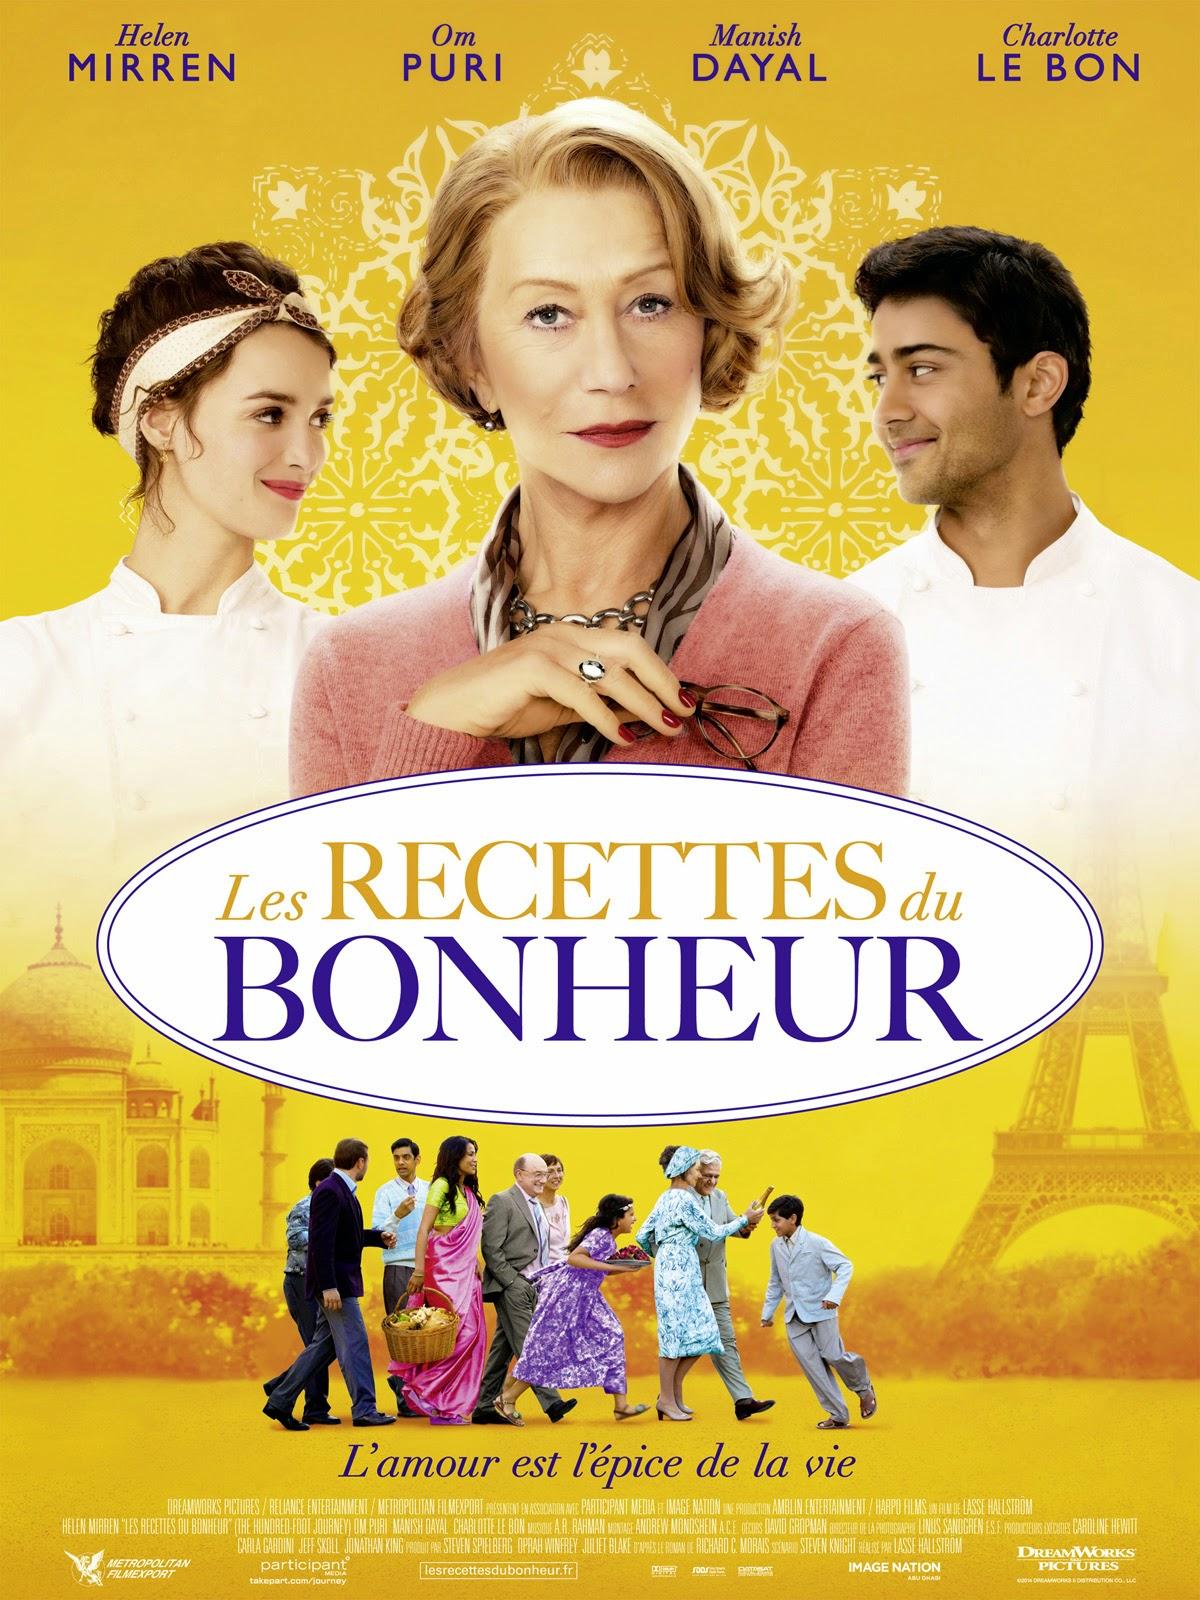 http://fuckingcinephiles.blogspot.fr/2014/09/critique-les-recettes-du-bonheur.html